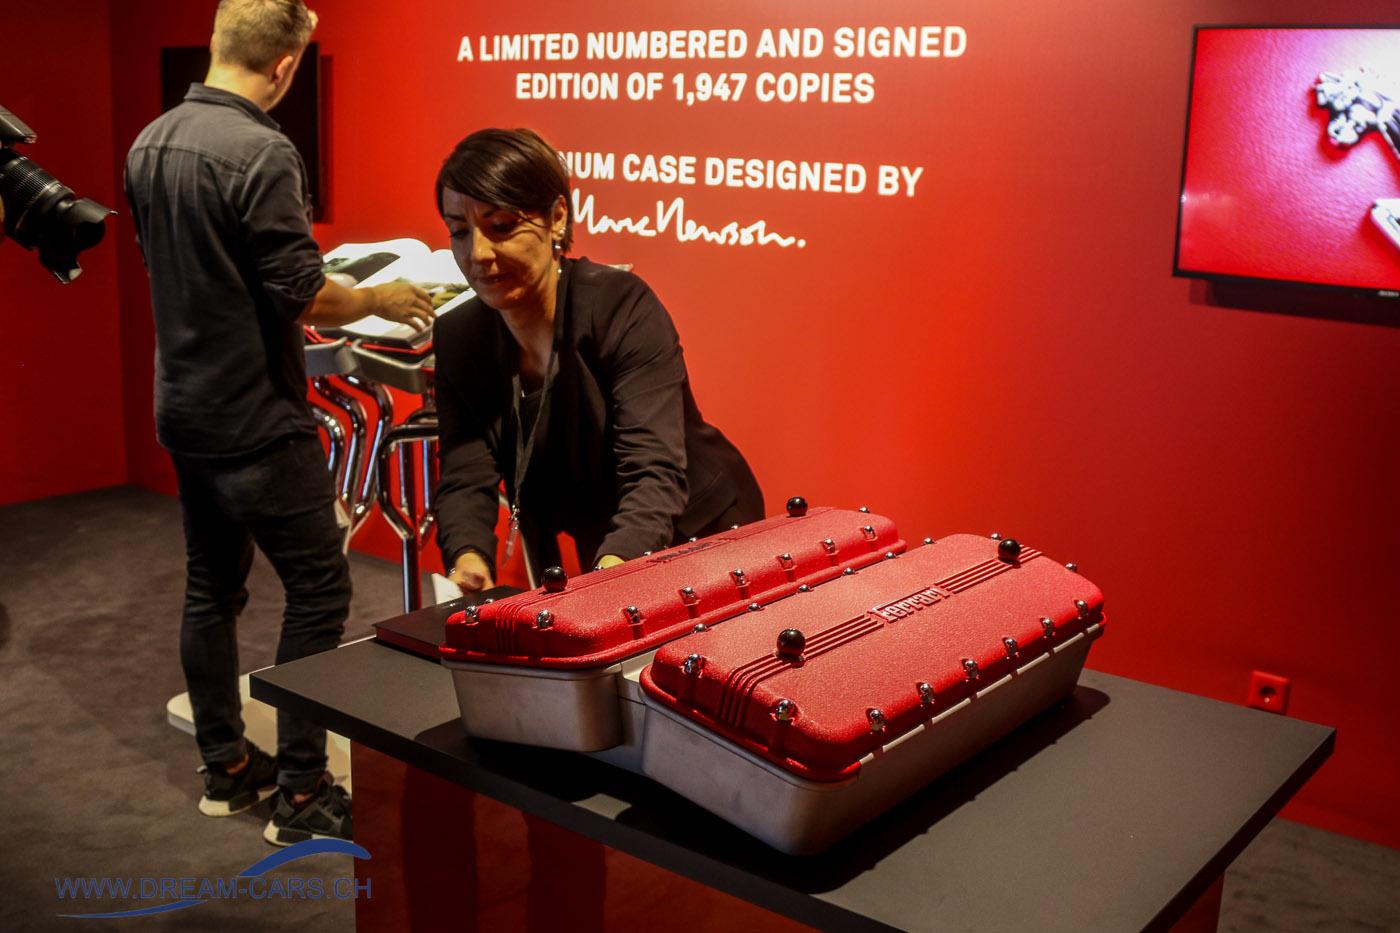 Grand Basel 2018. Eine originelle Art, ein Buch zu verpacken. Die aufklappbare Box beinhaltet ein exklusives und limitiertes Ferrari-Buch. Stückpreis 25'000 Euro